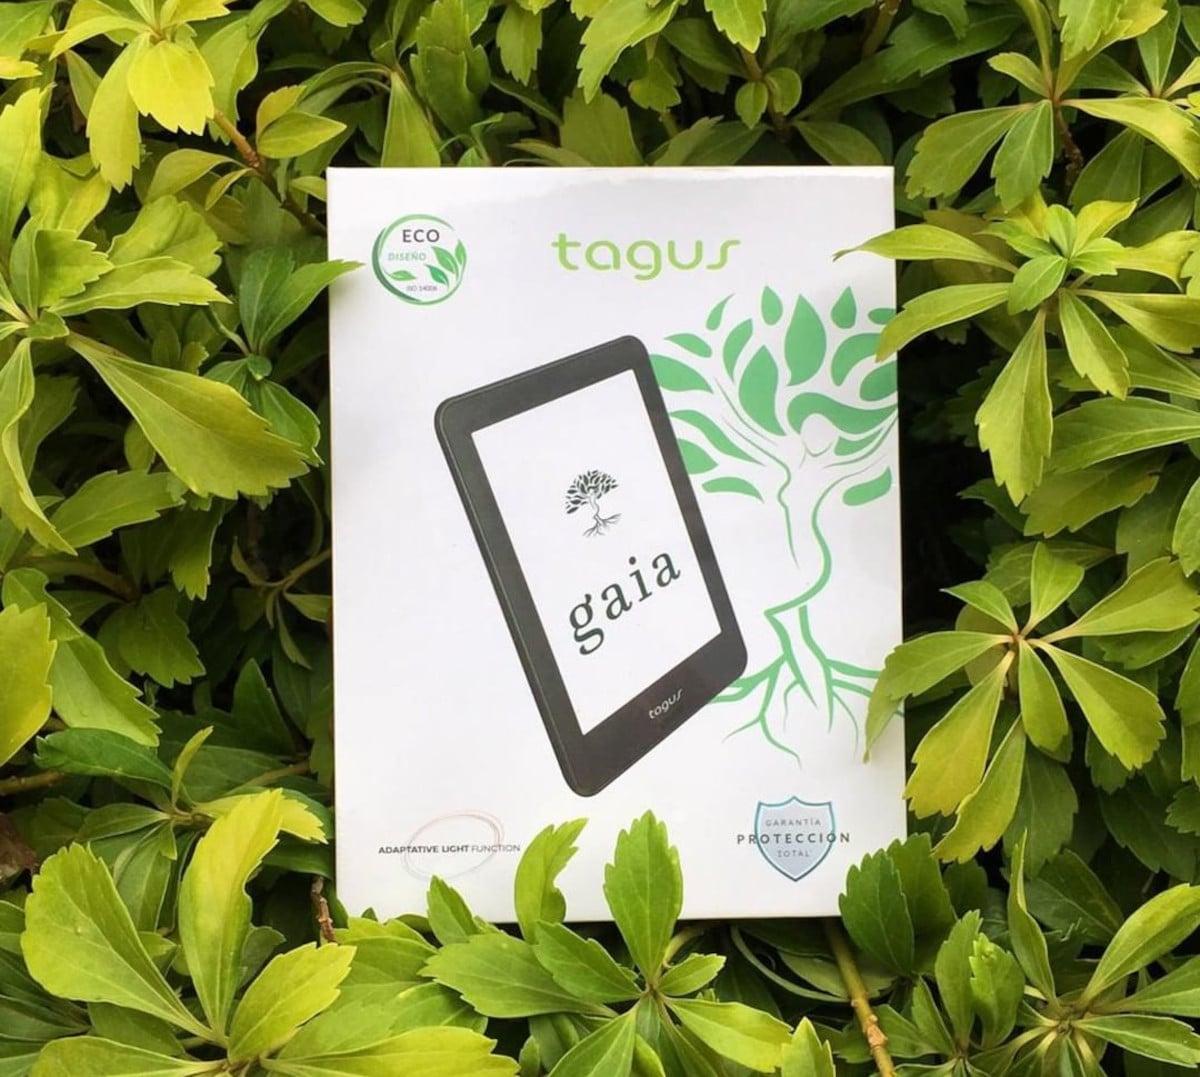 Caja del Tagus Gaia Eco+ entre varias hojas de plantas y vegetación.